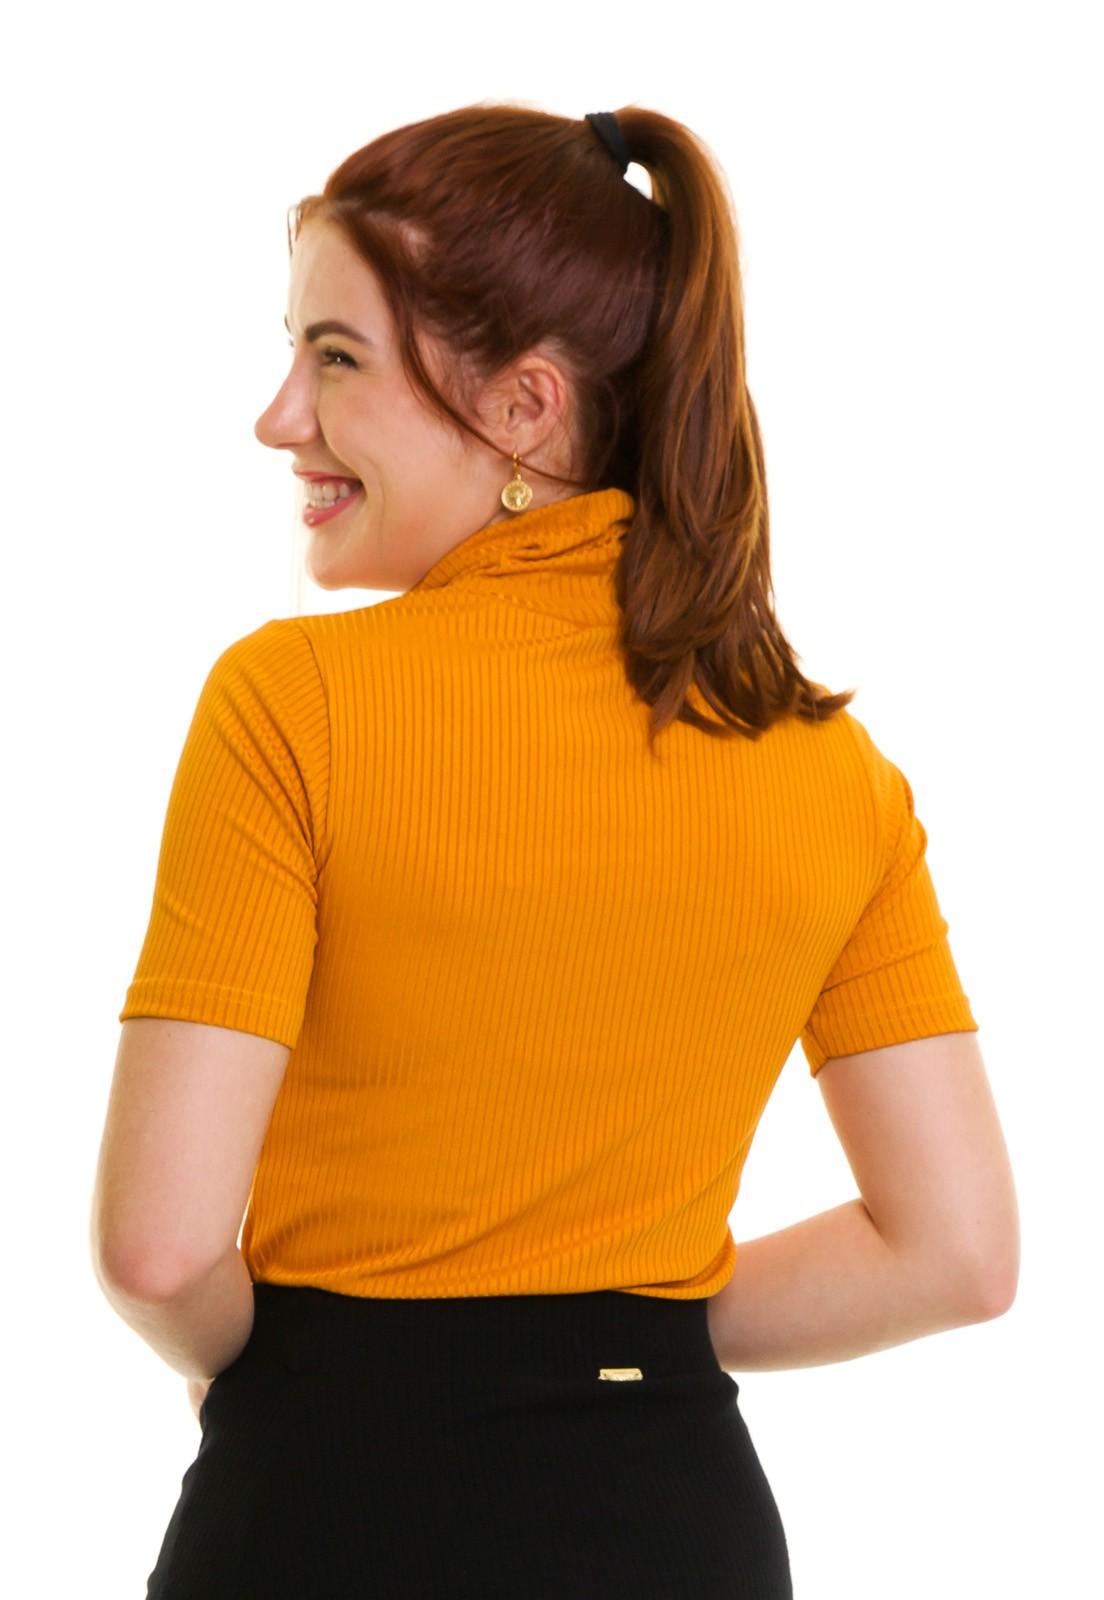 Blusa Gola Alta Canelada  Manga Curta Amarela